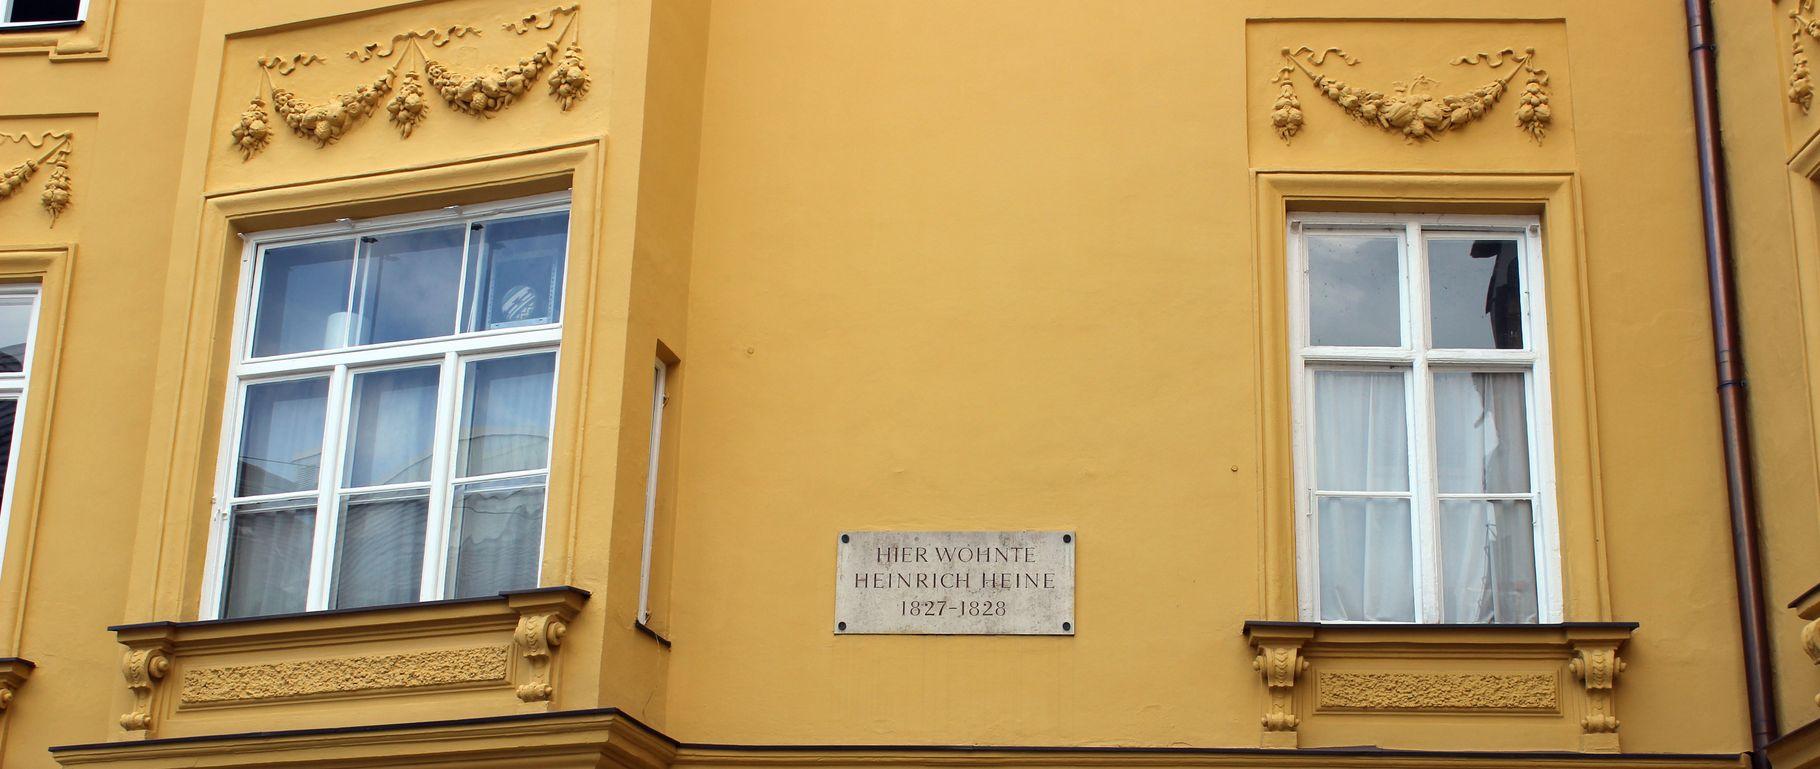 Zum Entdecken: Heinrich Heine in München